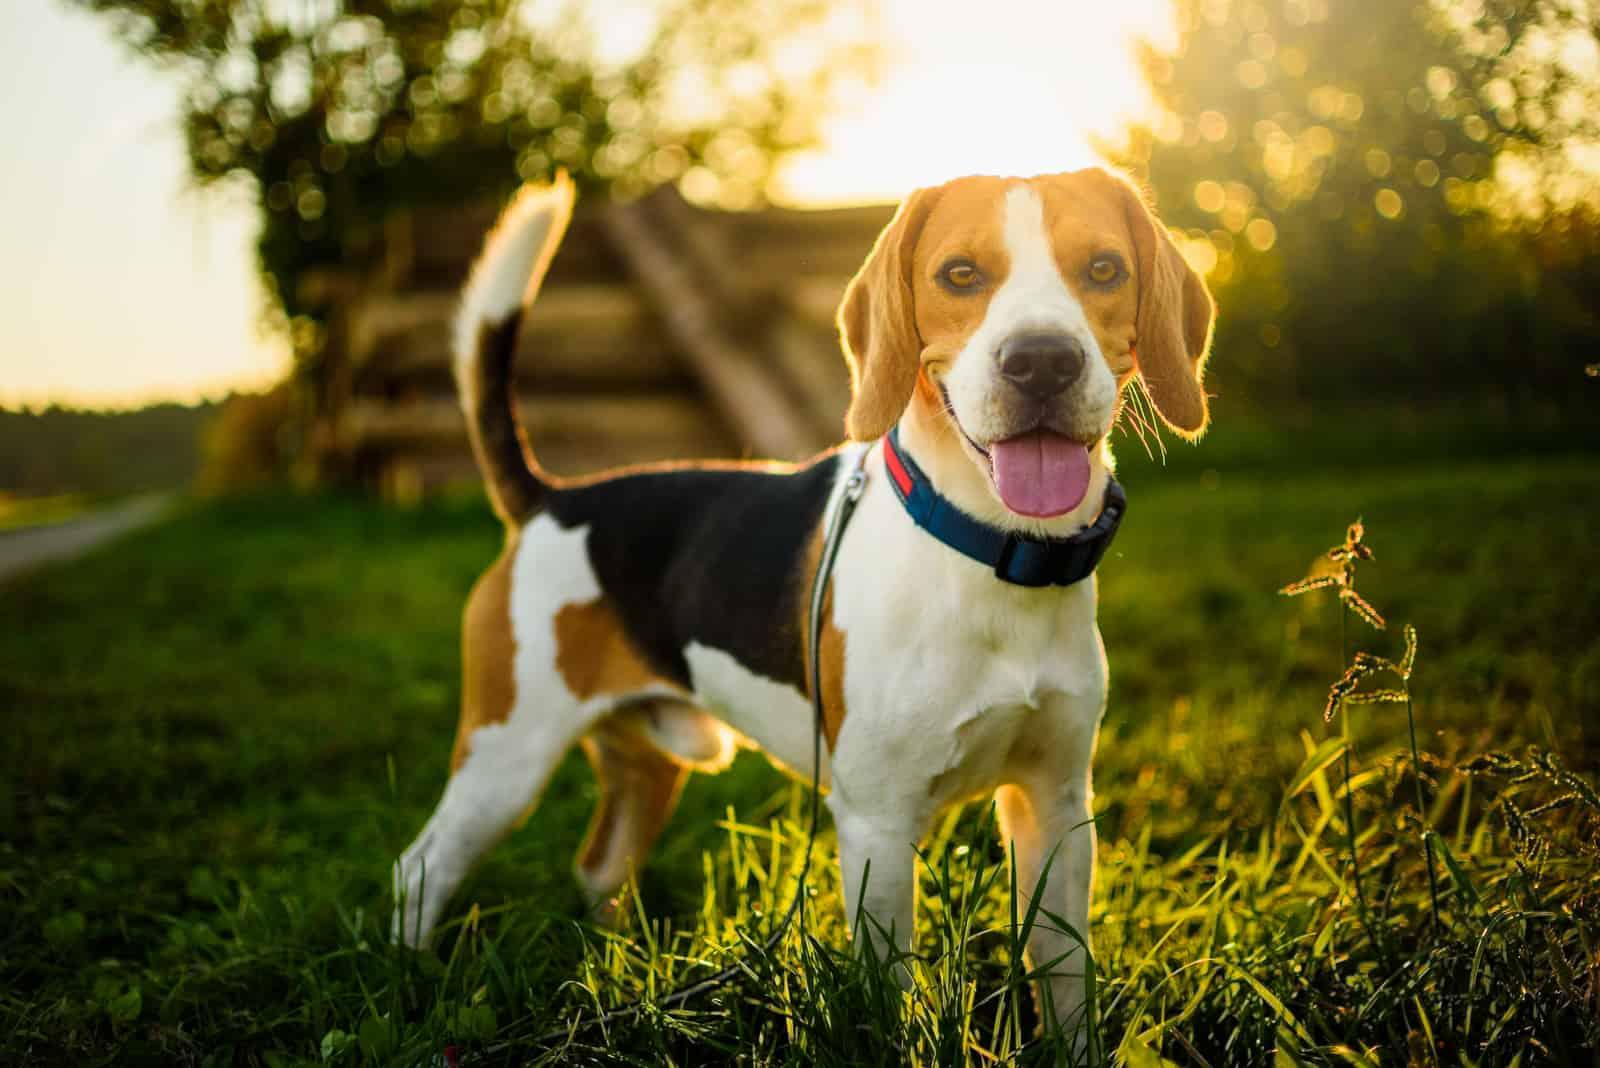 Beagle-Hund mit ausgestreckter Zunge